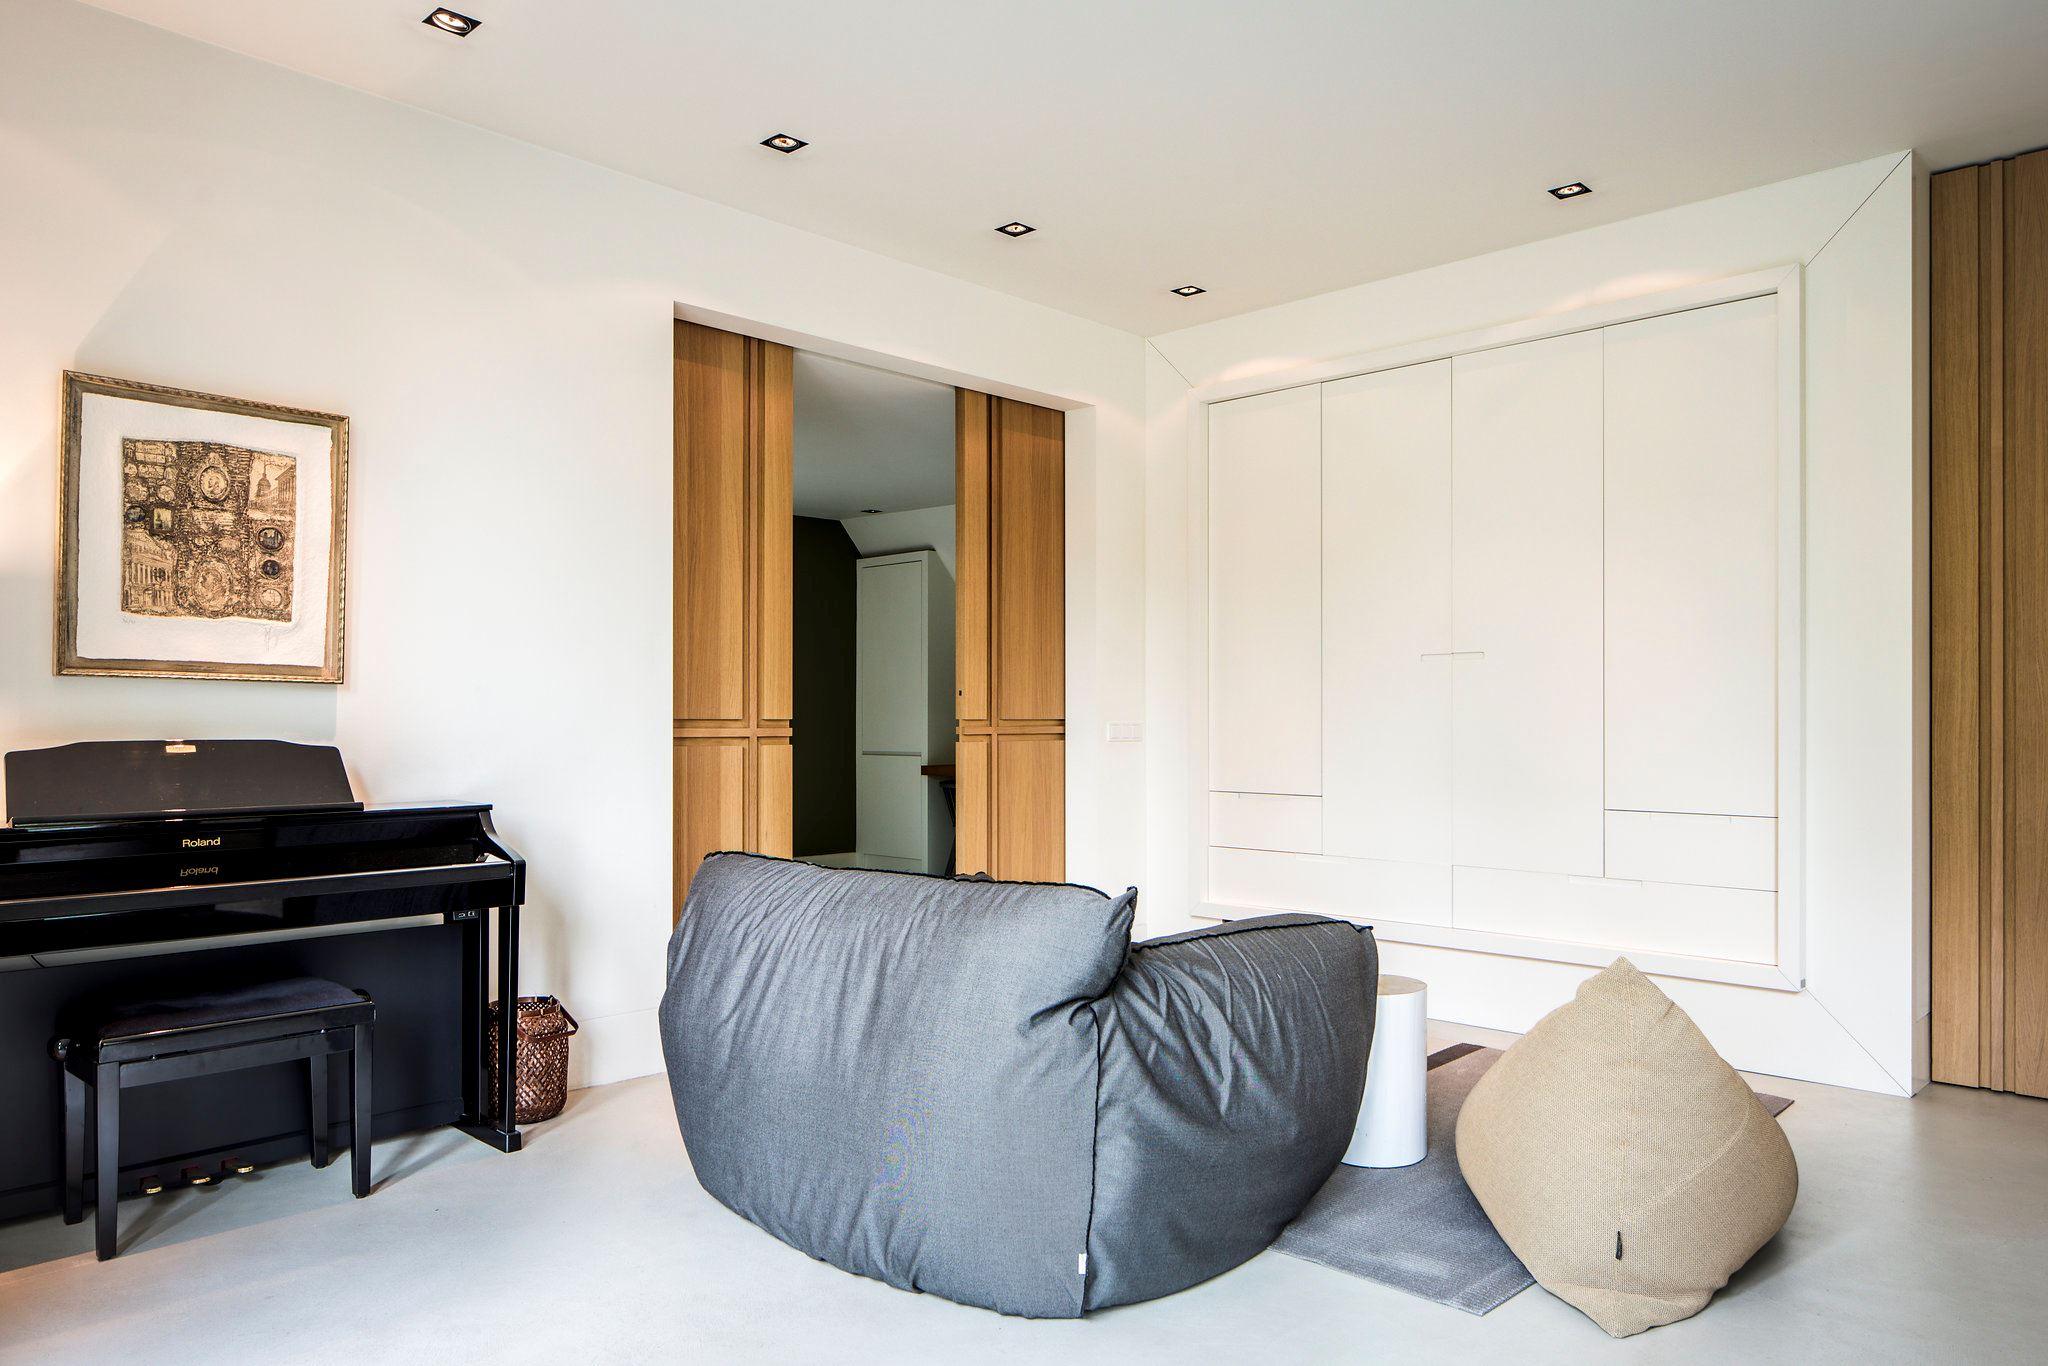 мягкий диван пуф пианино в комнате